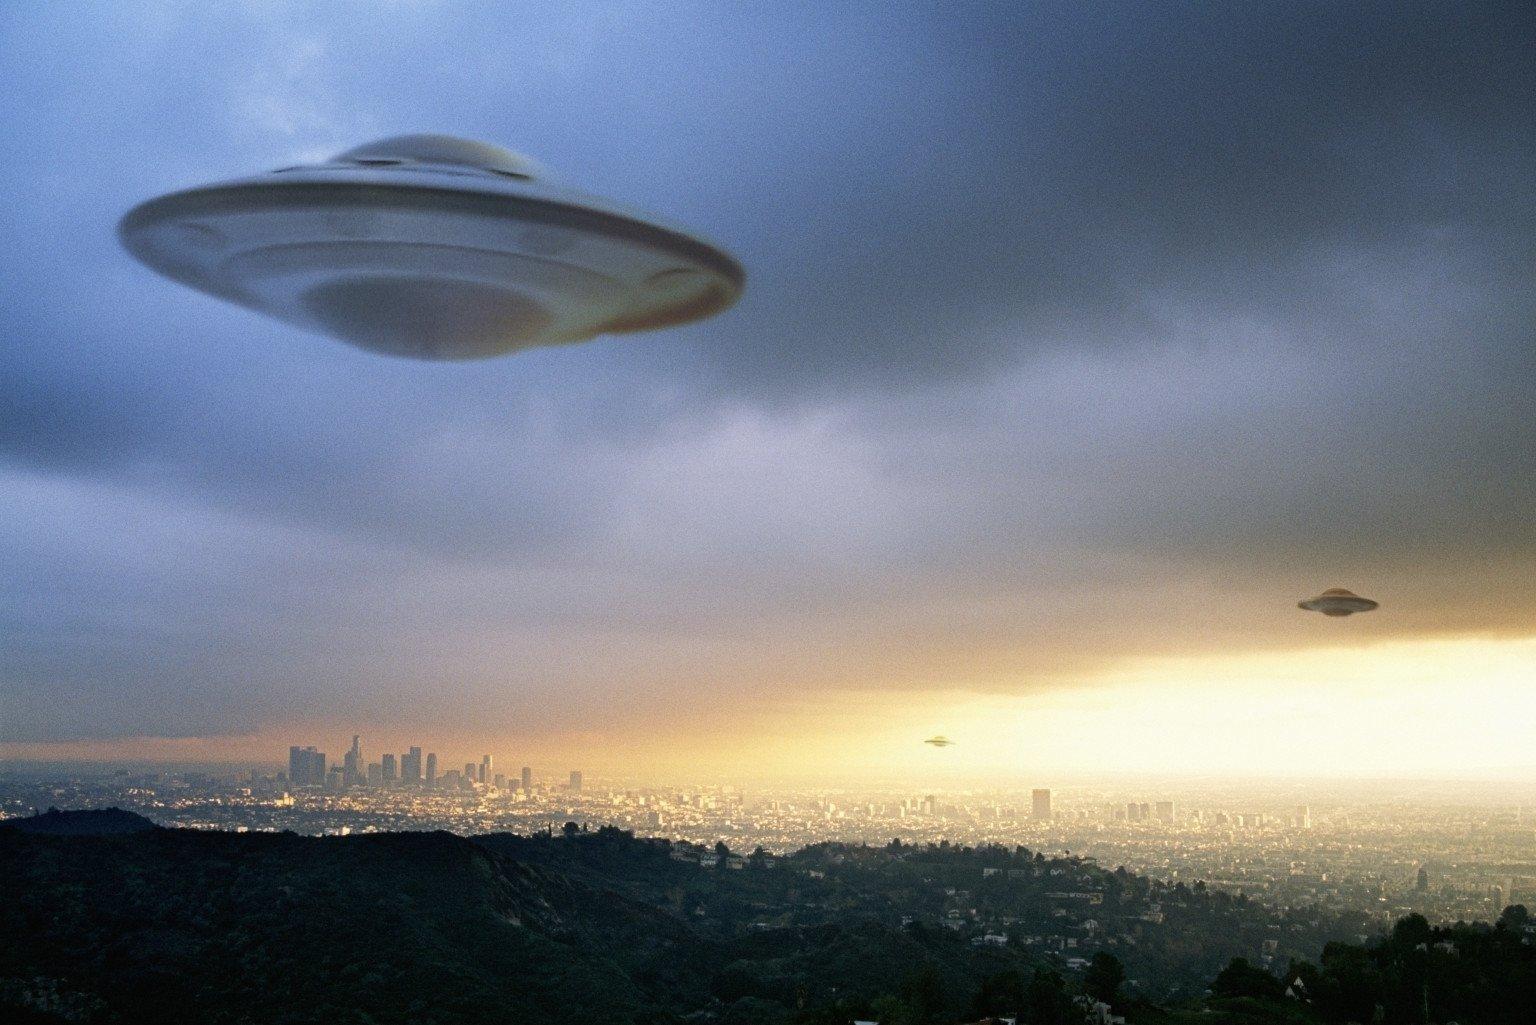 НЛО, инопланетяне, пришельцы, космос, США, Миннесота, смотреть видео, кадры, летающая тарелка, внеземные цивилизации, инопланетные цивилизации, НЛО близко к людям